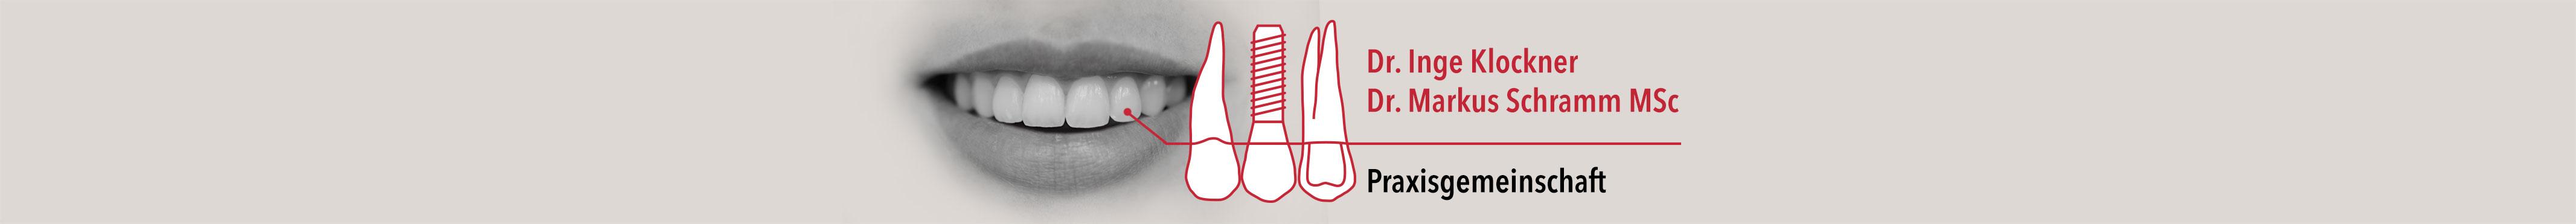 Zahnarztpraxis Klockner Schramm - Gemeinschaftspraxis für Zahnmedizin